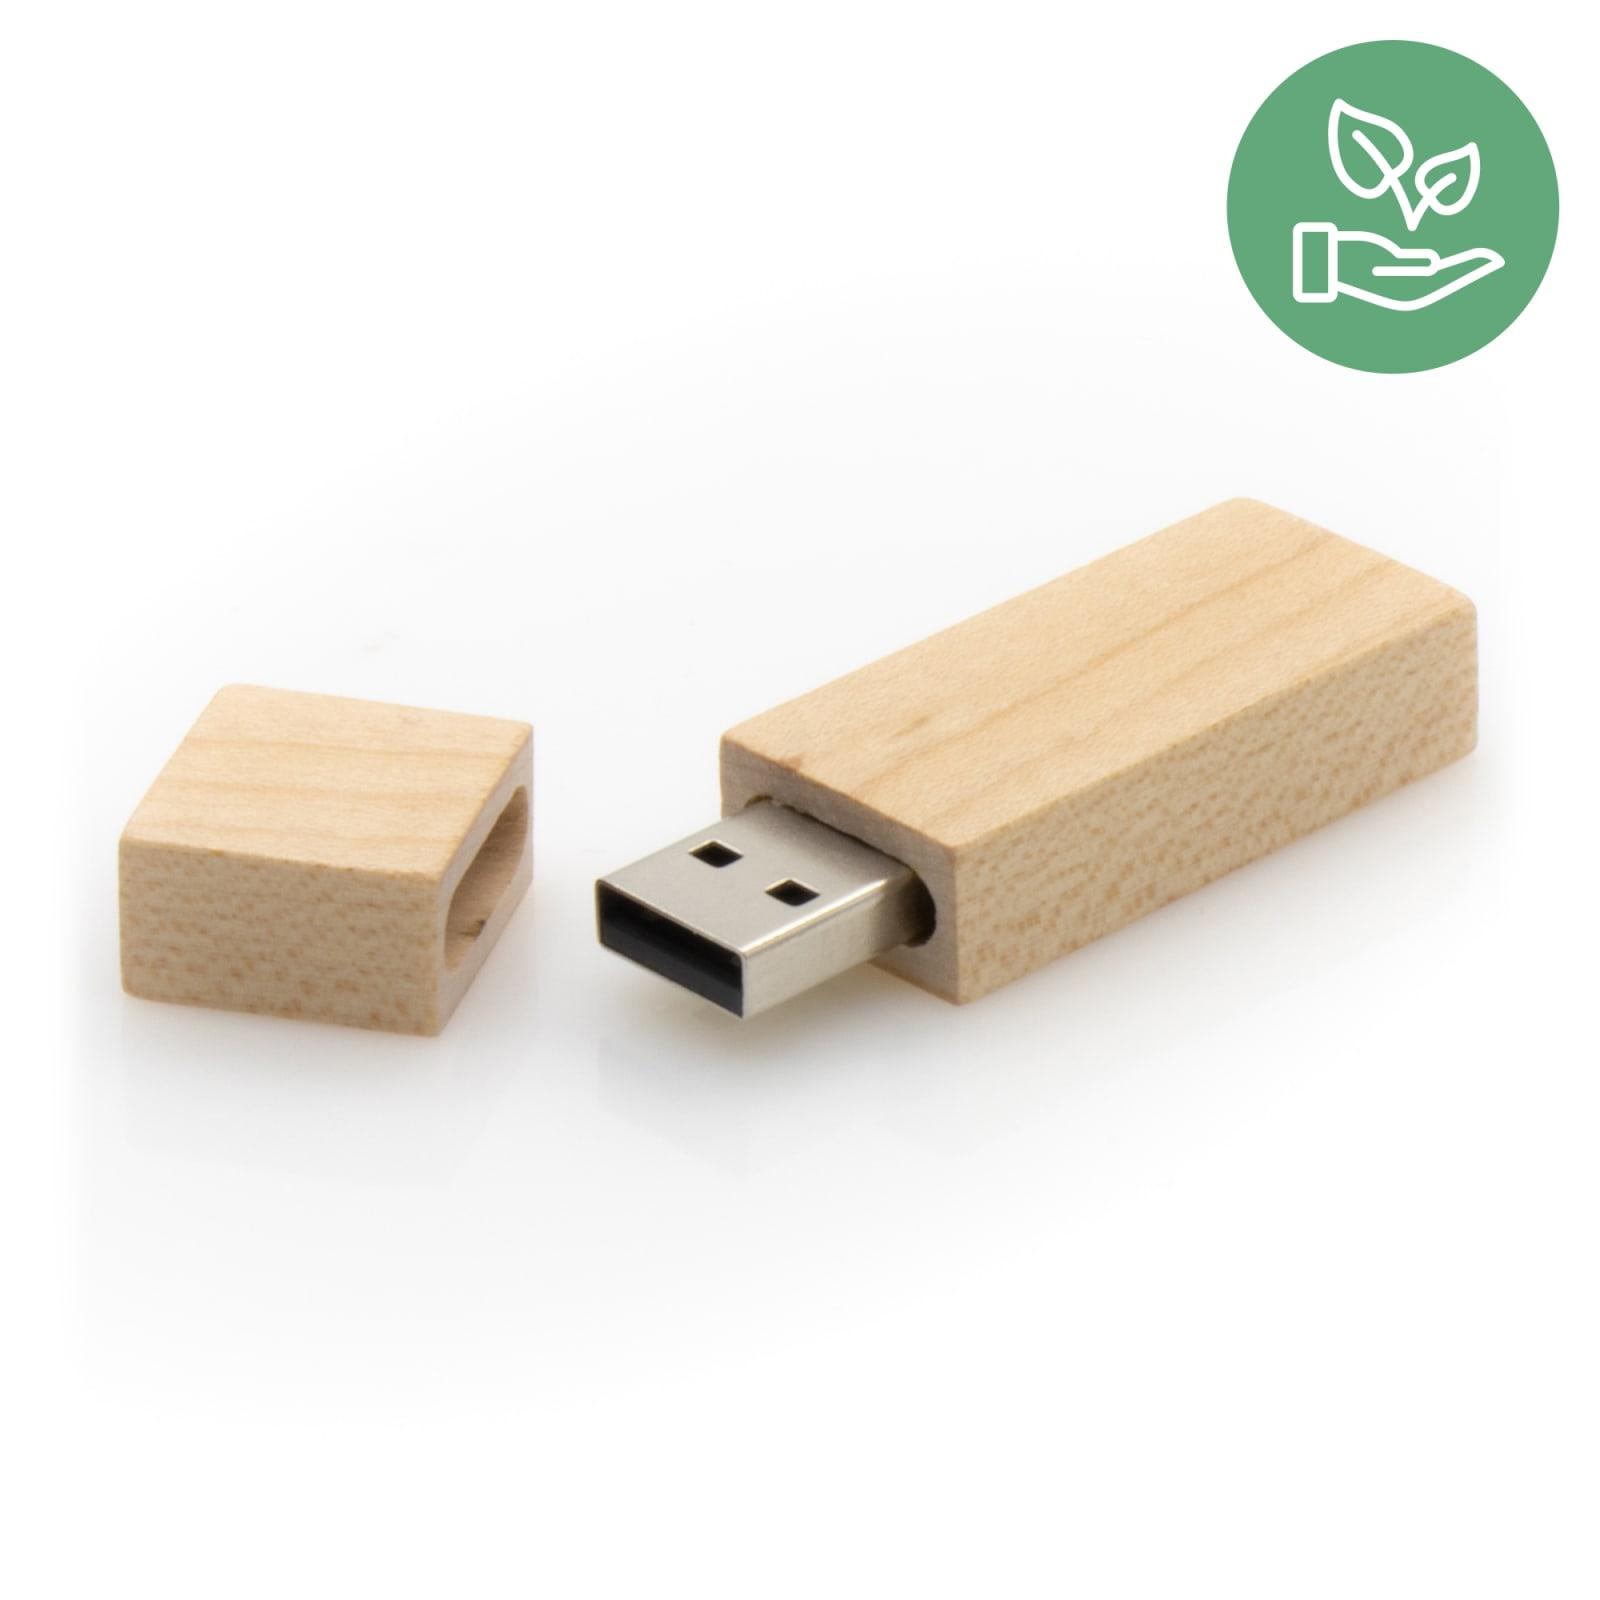 USB-Stick - Woody Großansicht